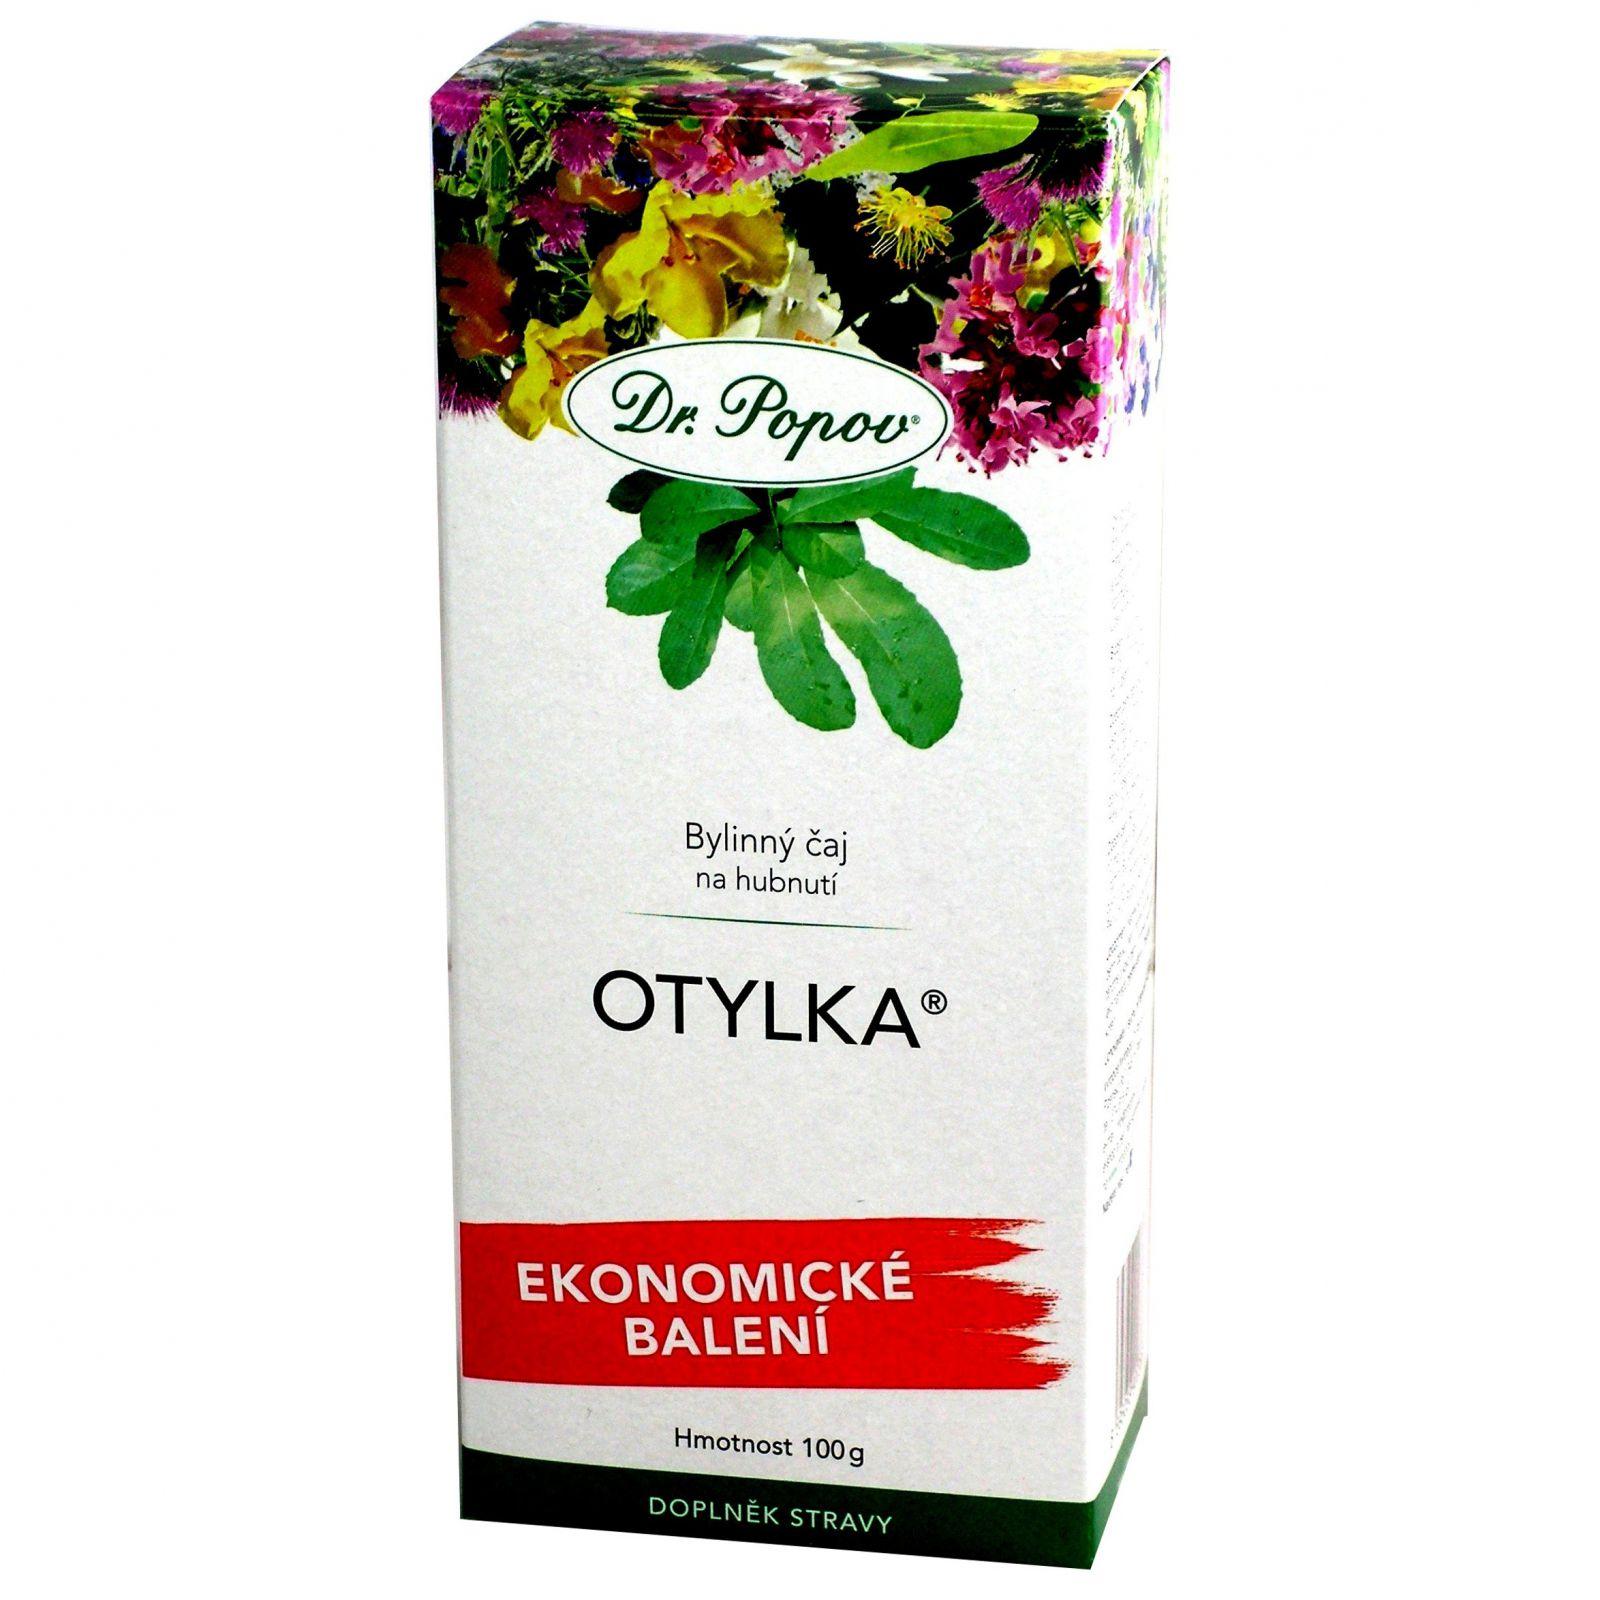 Dr. Popov Redukční bylinný čaj Otylka